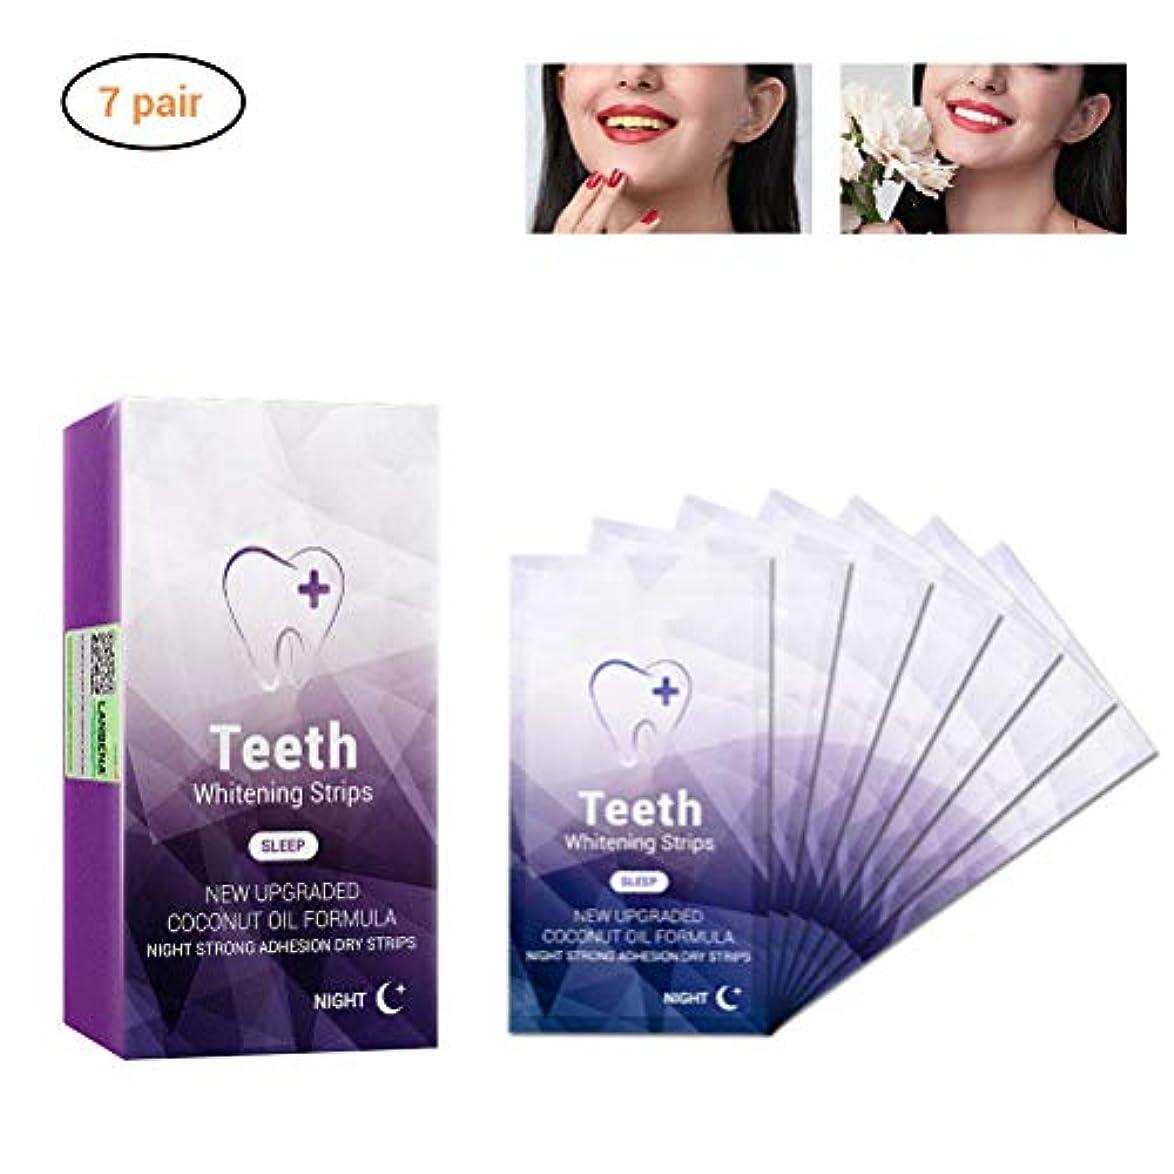 交流する全能衝撃URHOMY 歯を白くする歯は敏感な歯を漂白しません歯を白くするためのホワイトストリップ(7ペア)